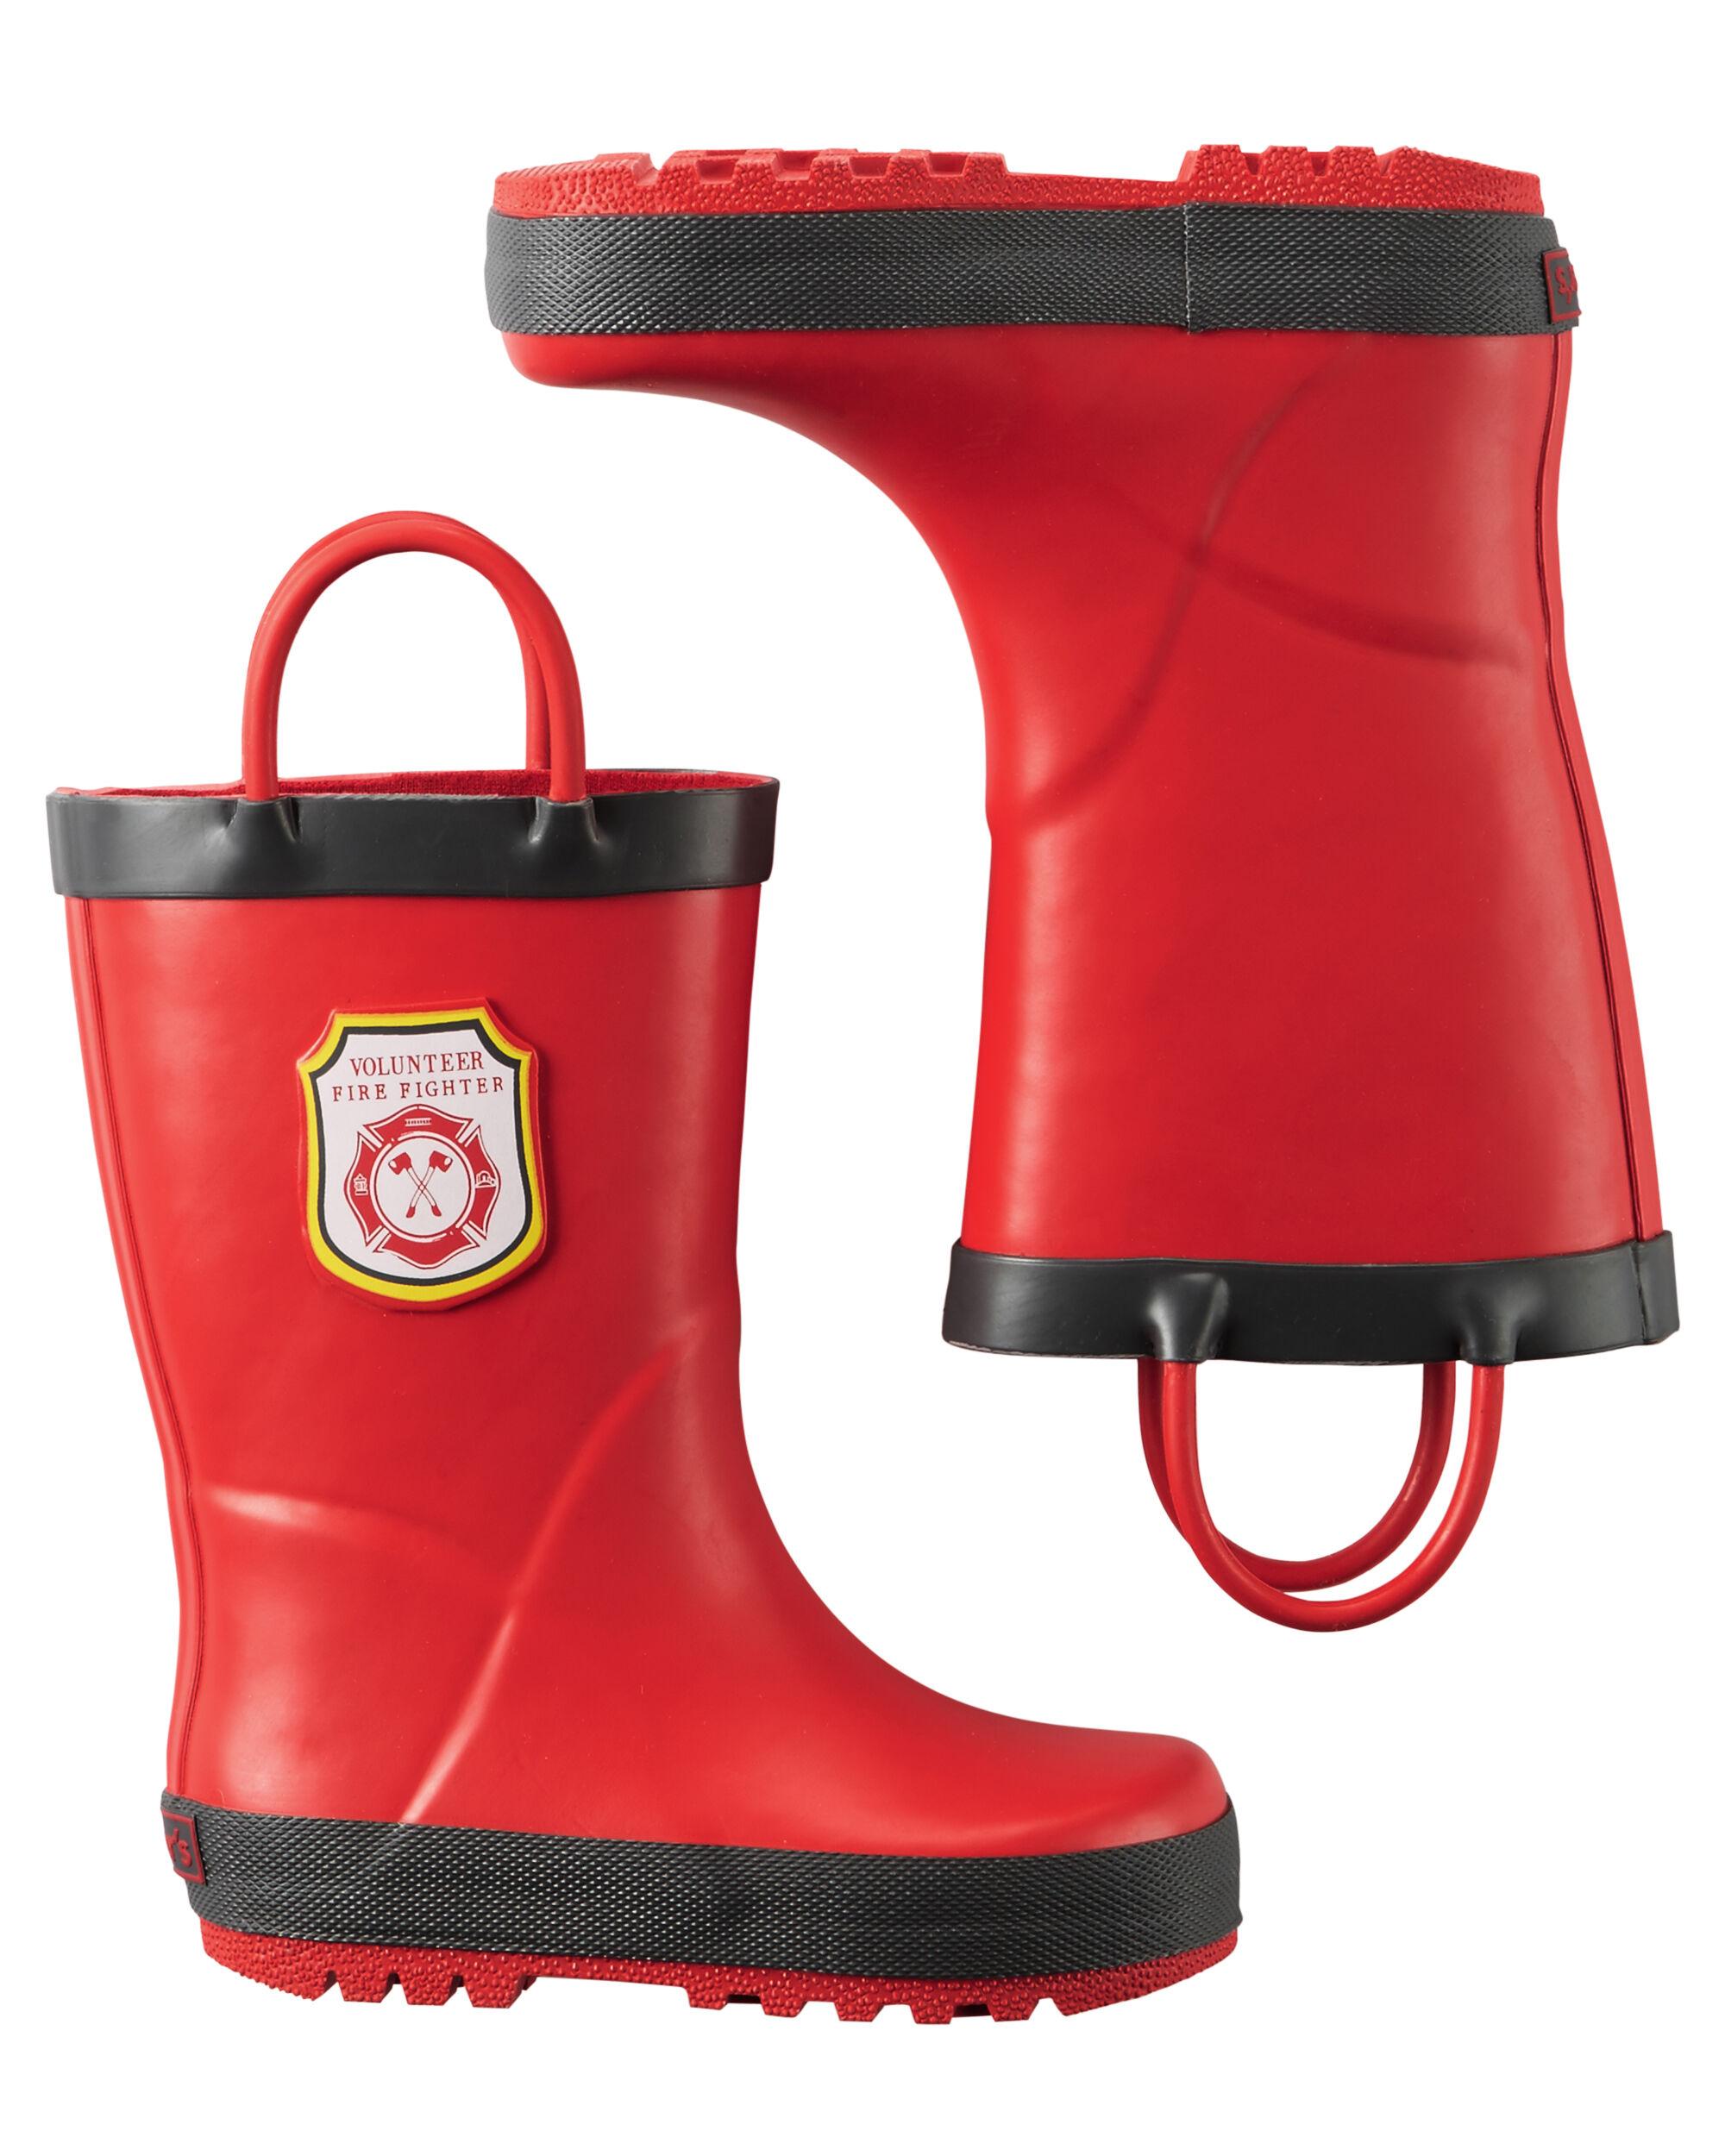 Firefighter Rain Boots | Carters.com